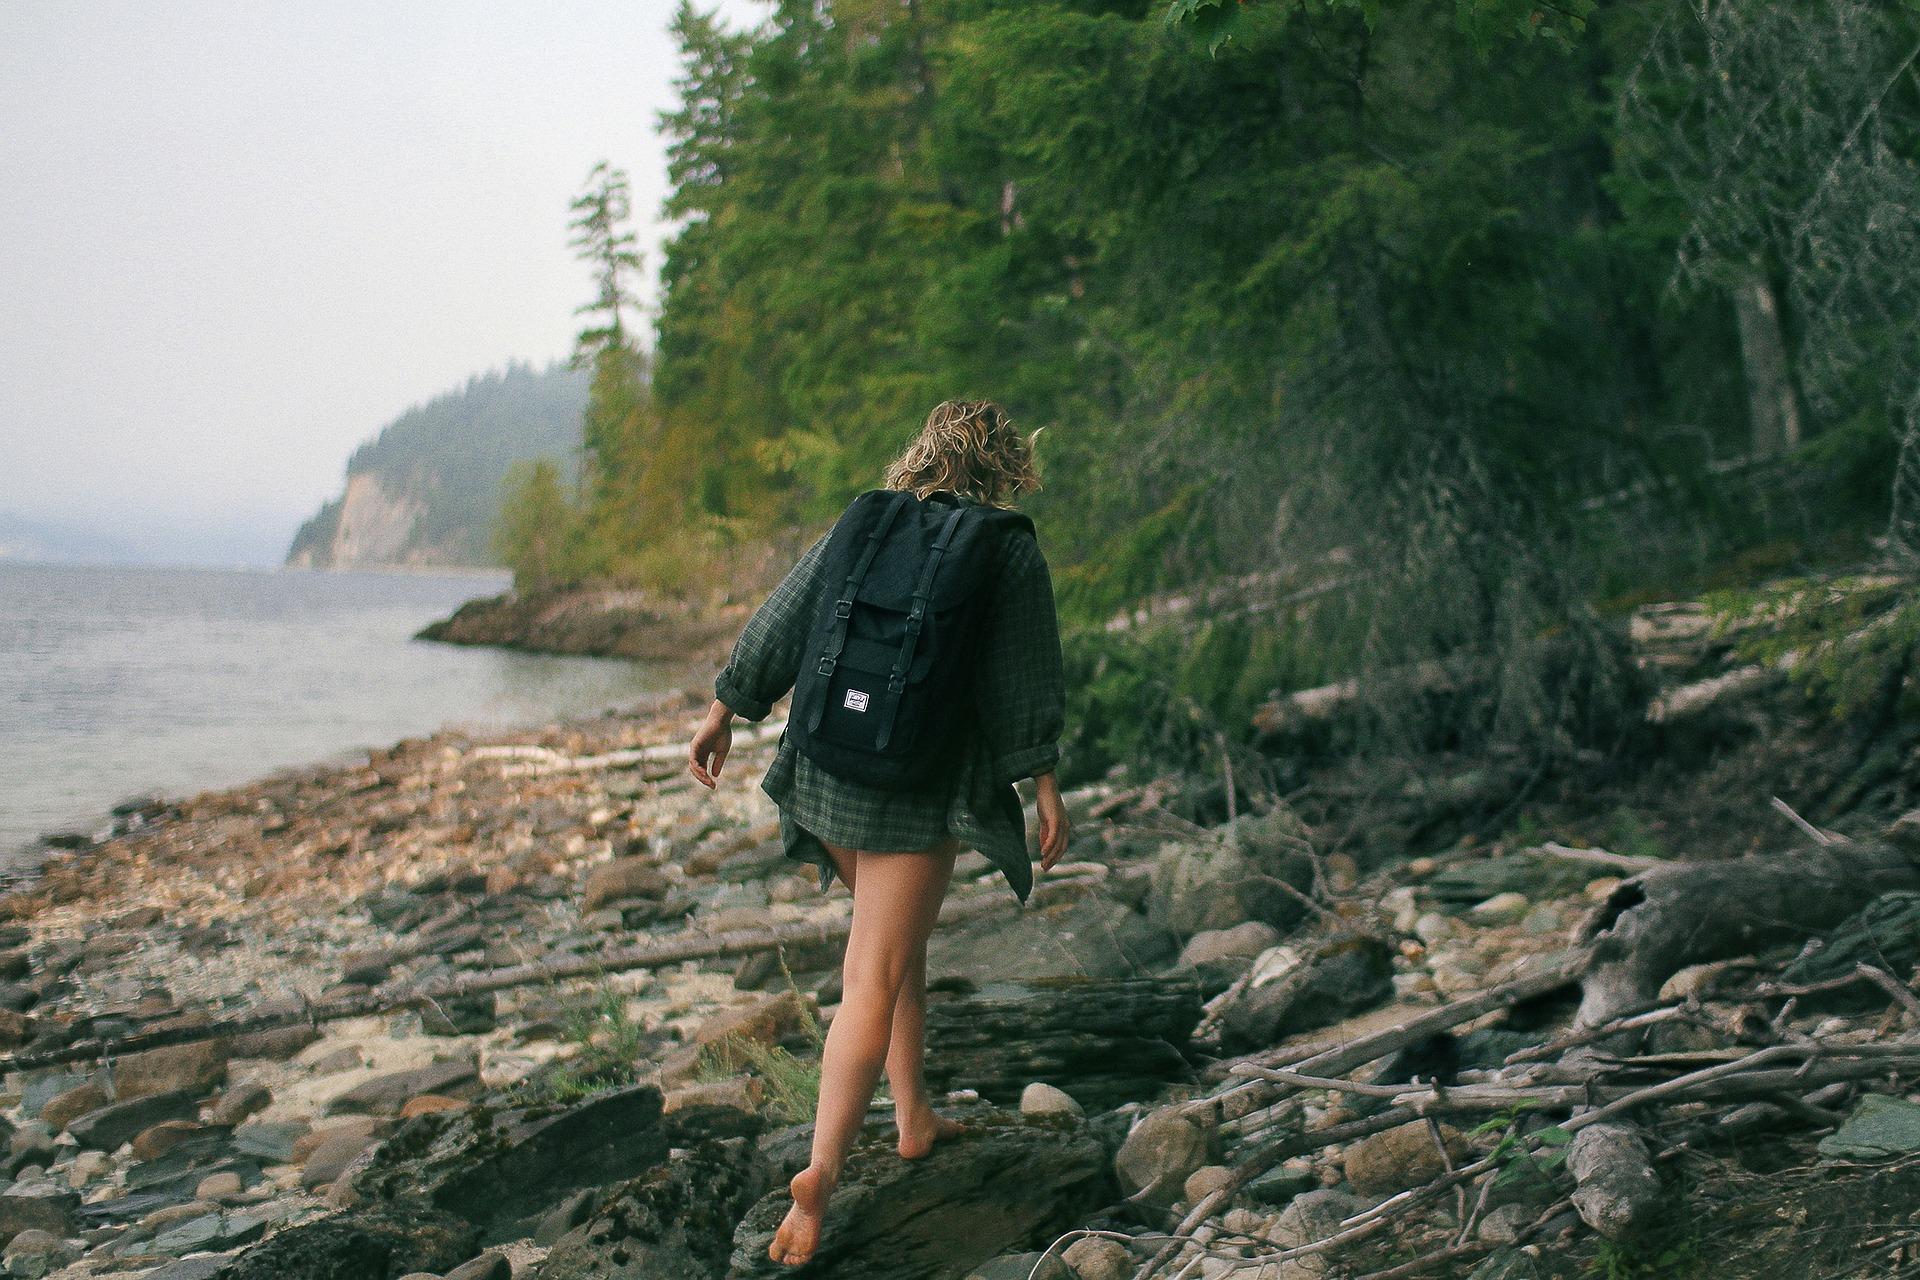 Trekking-Tipps für Frauen